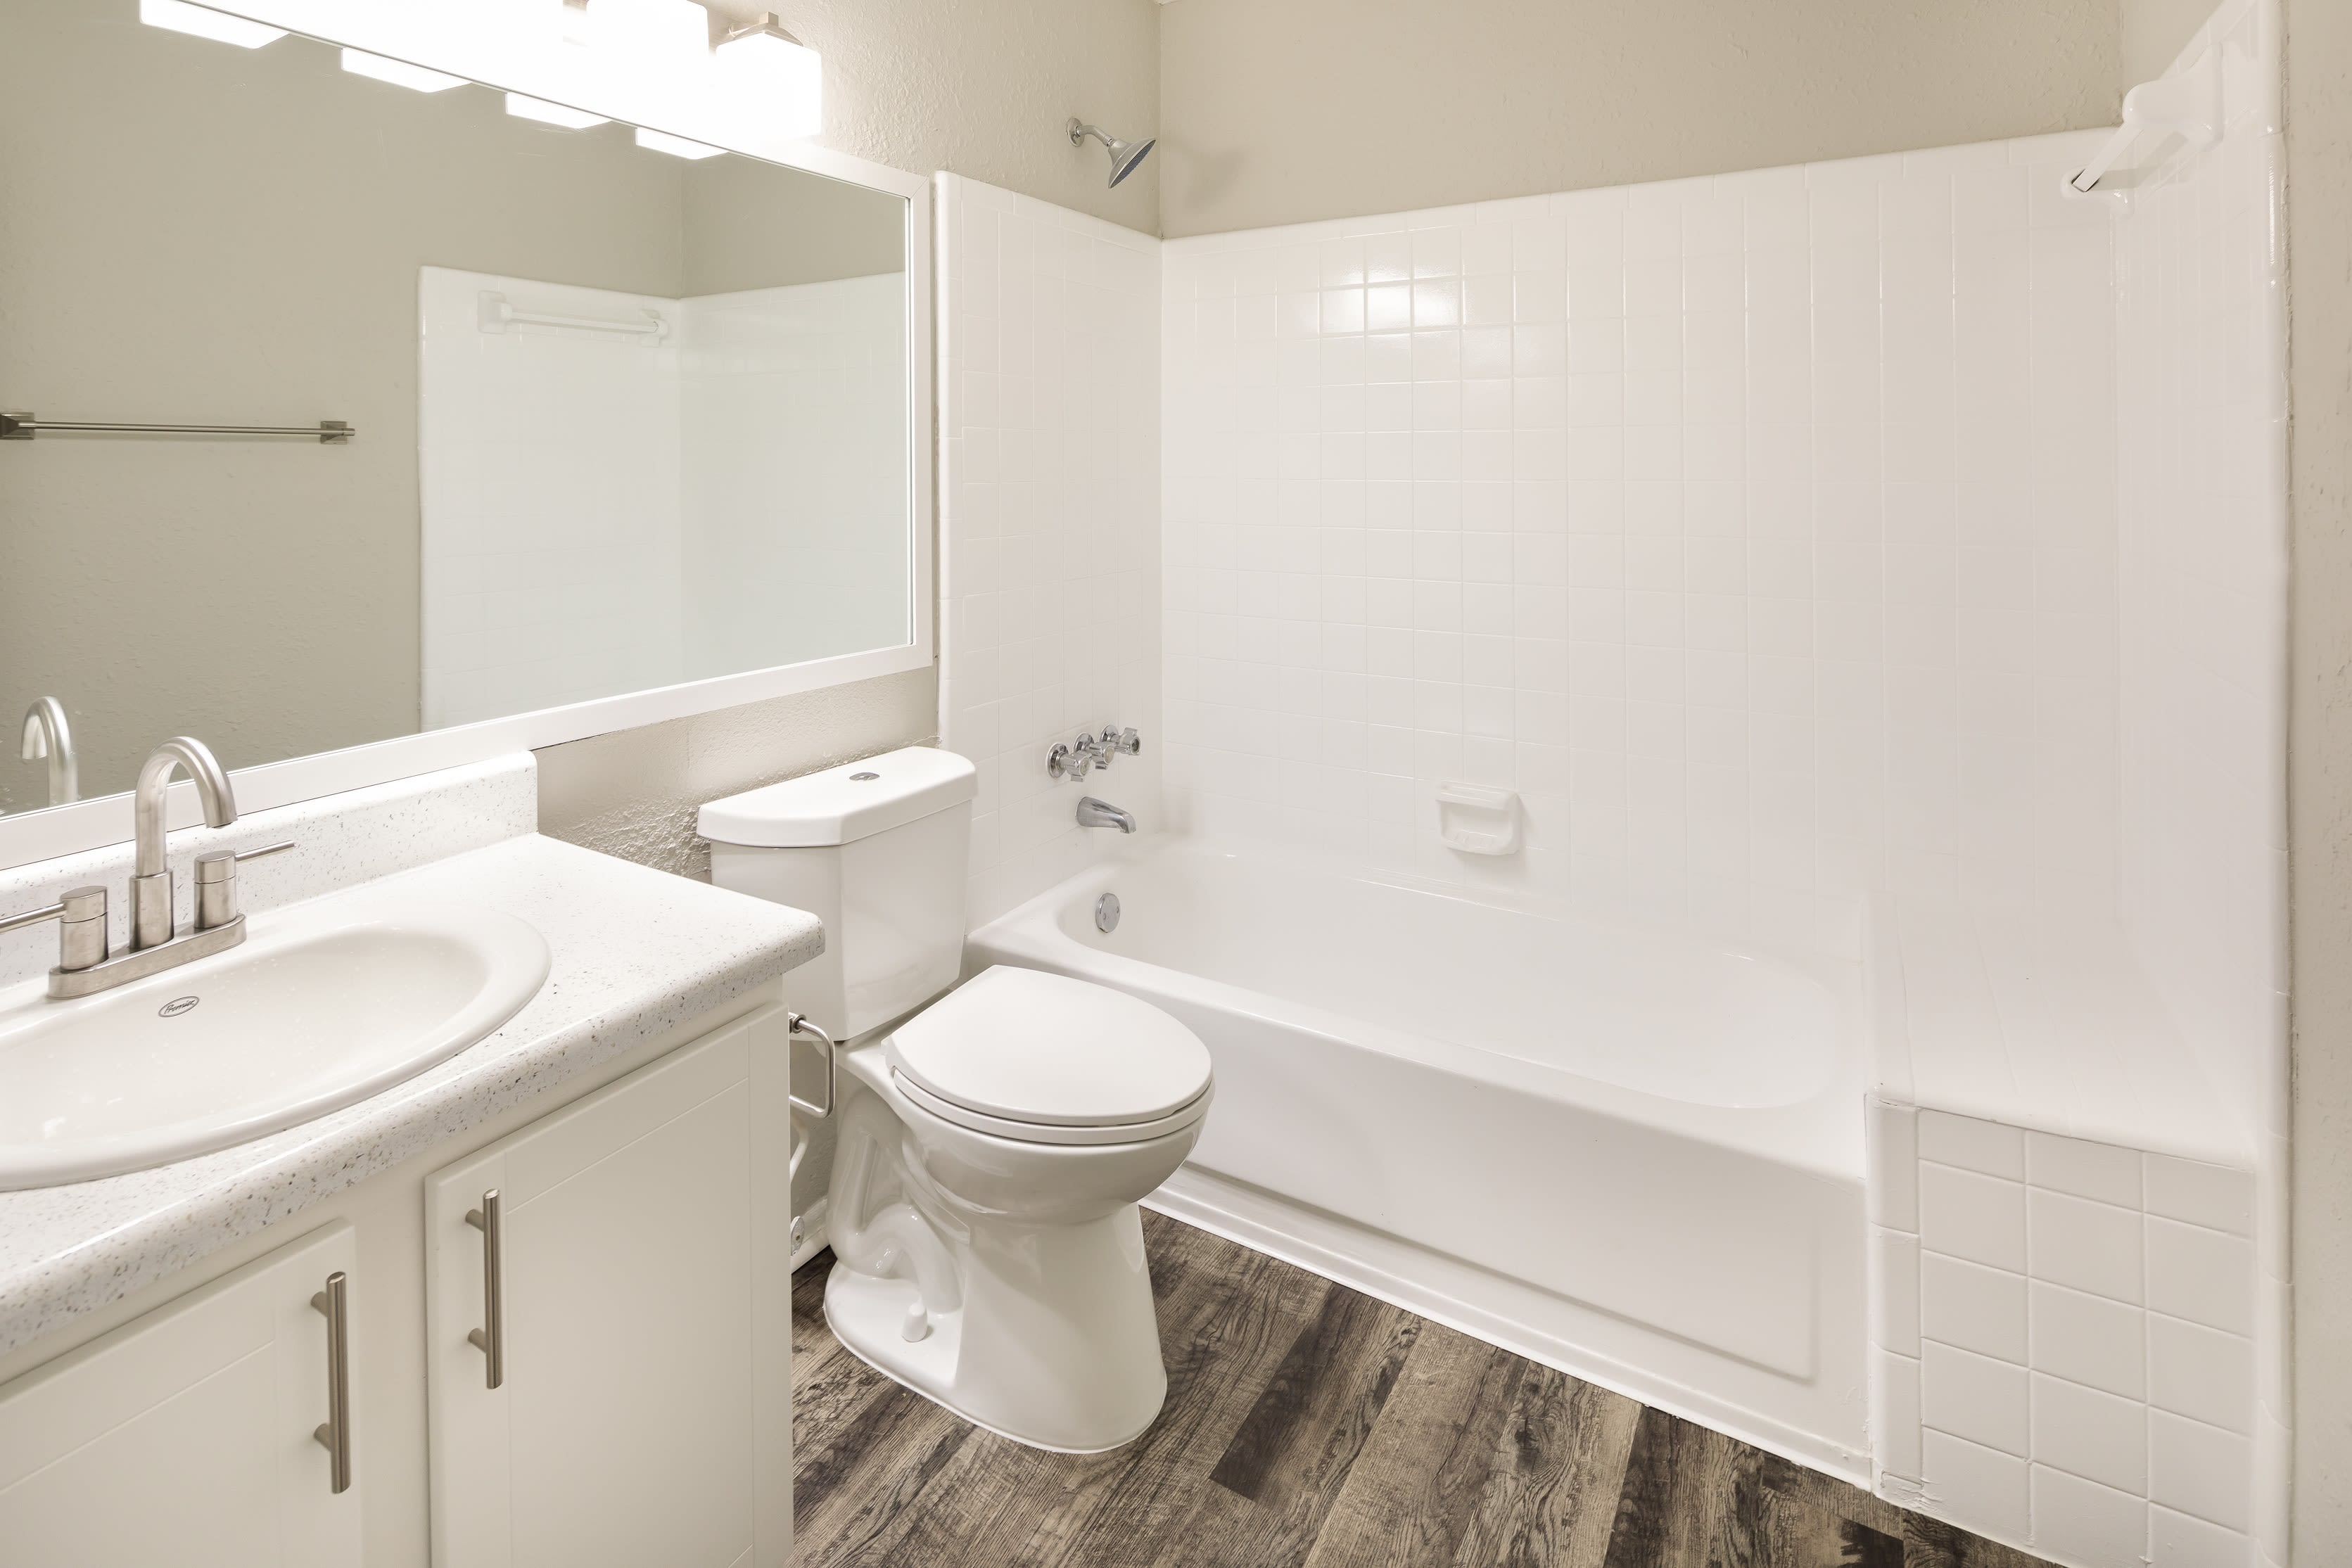 An apartment bathroom at The Franklin in Marietta, GA